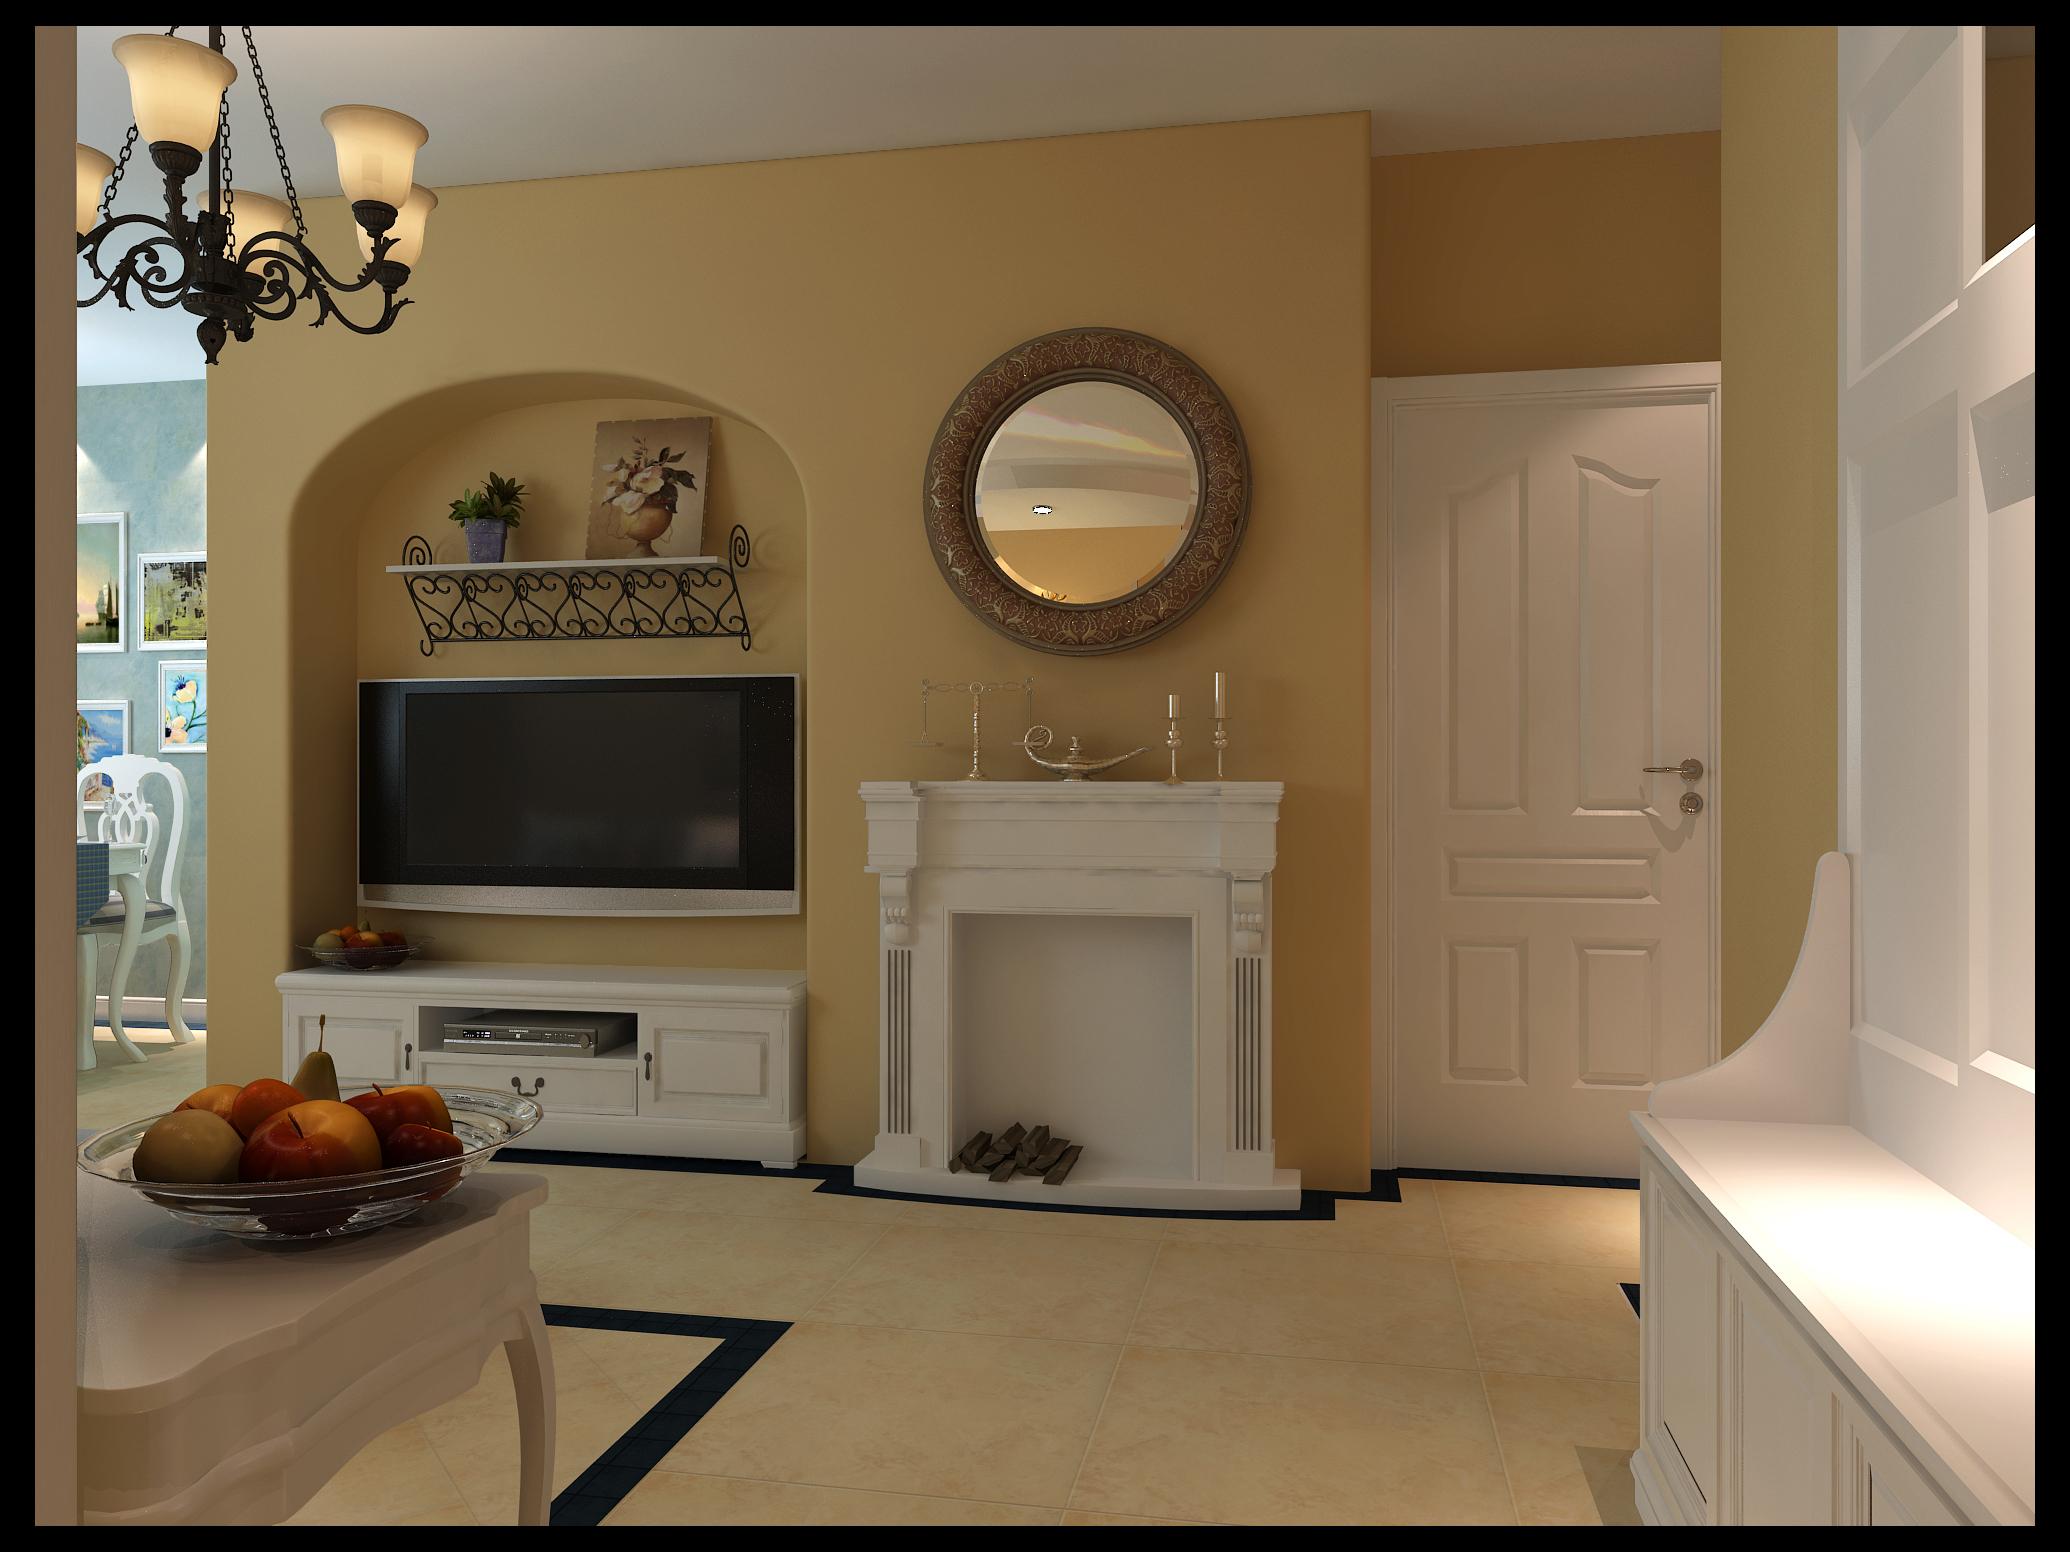 旧房改造 收纳 二居 客厅图片来自今朝装饰老房专线在中式情节 老房简单时尚的分享